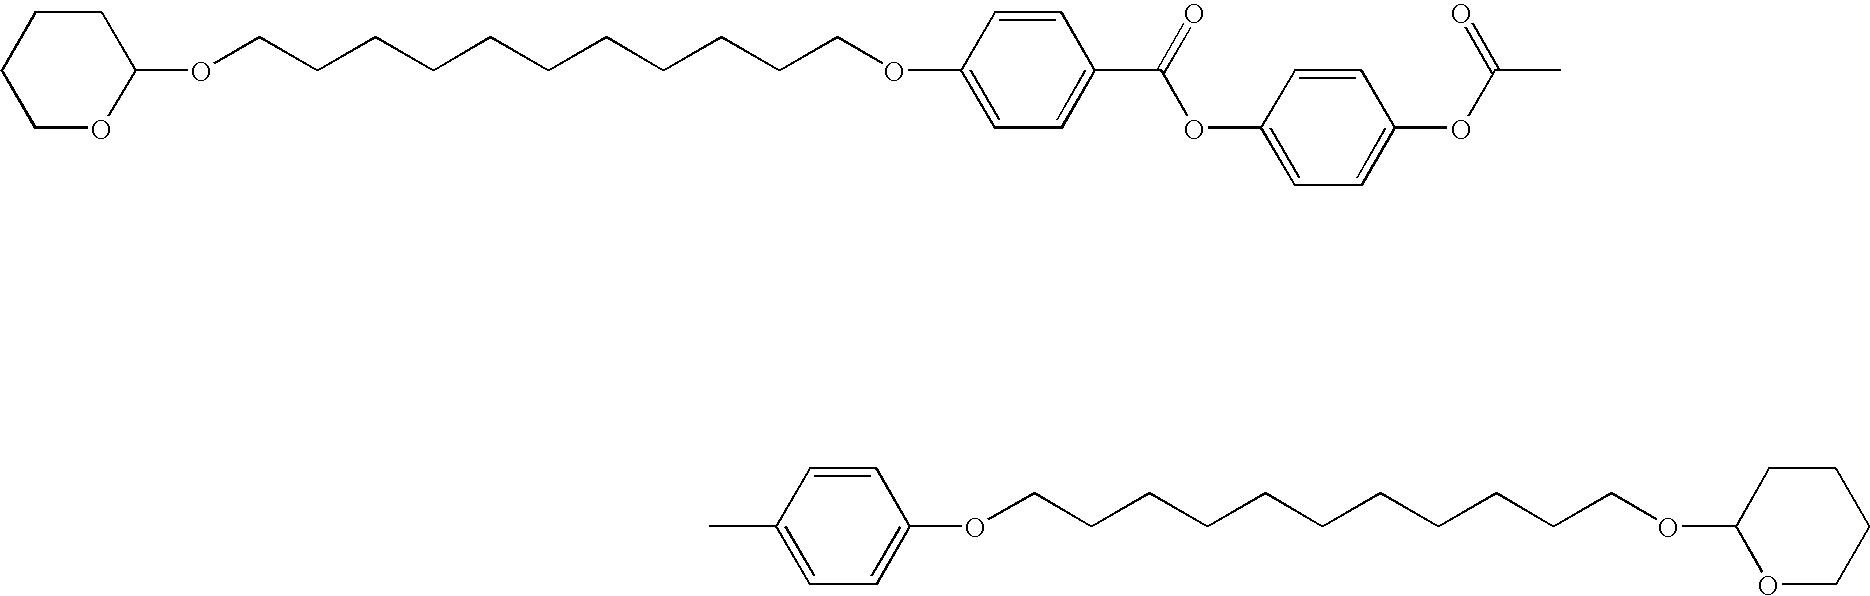 Figure US20100014010A1-20100121-C00101